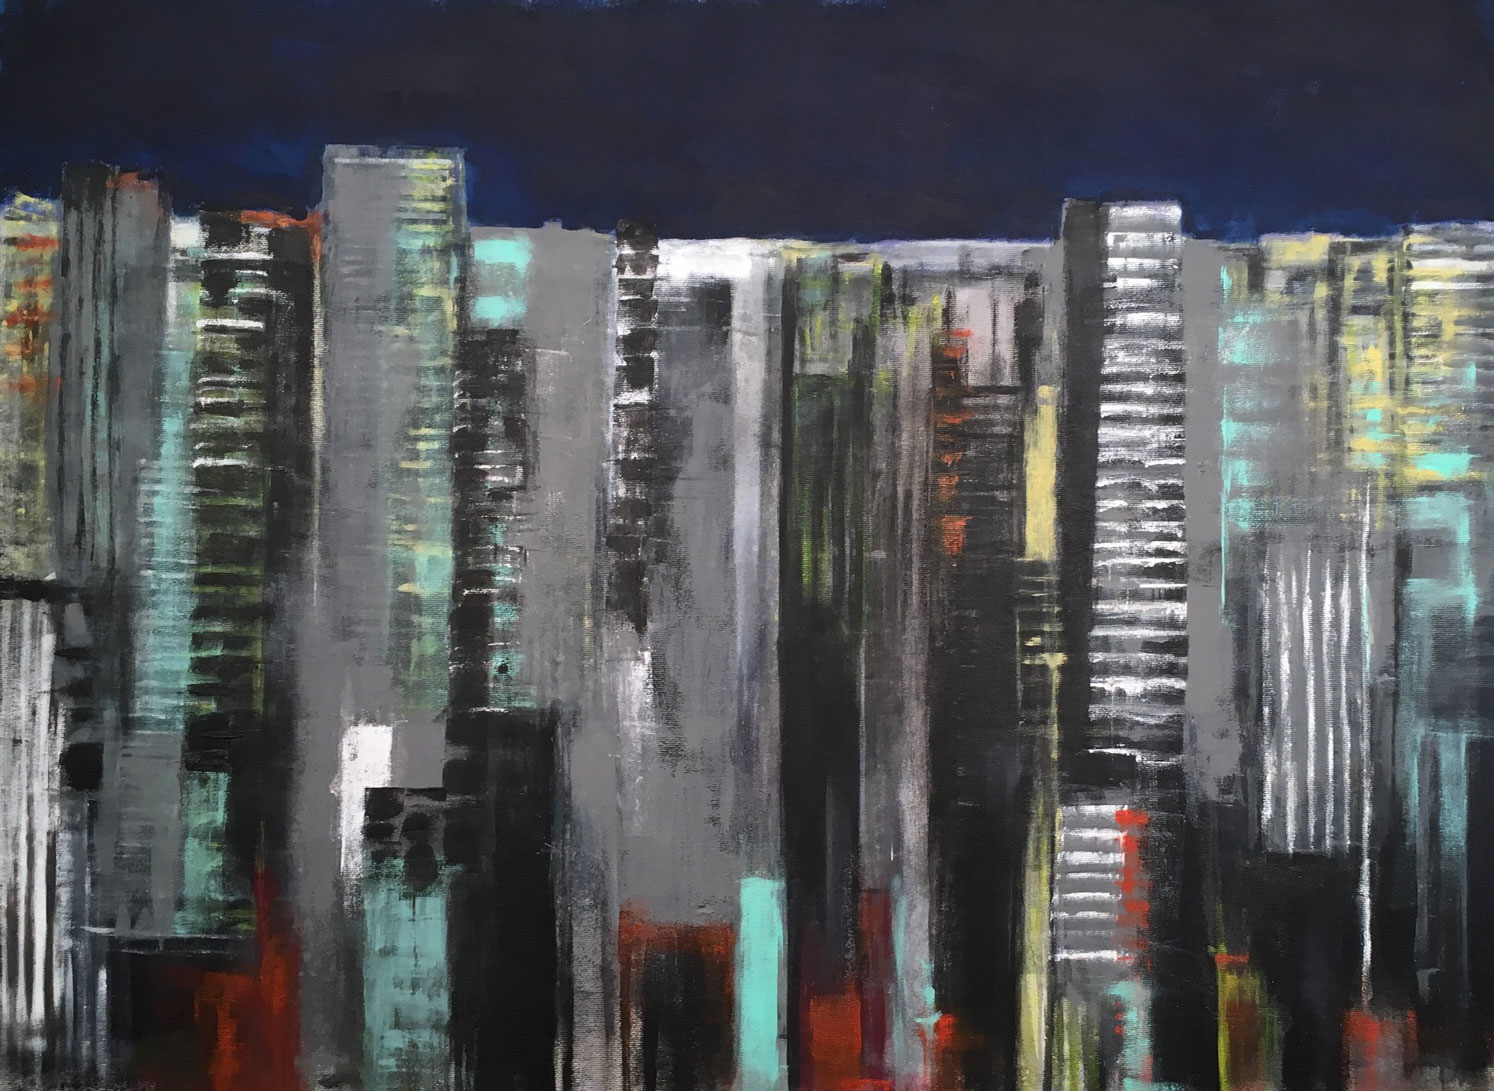 N°4111 - Acrylique et pigments sur toile - 97 x 130 cm - 15 mars 2018